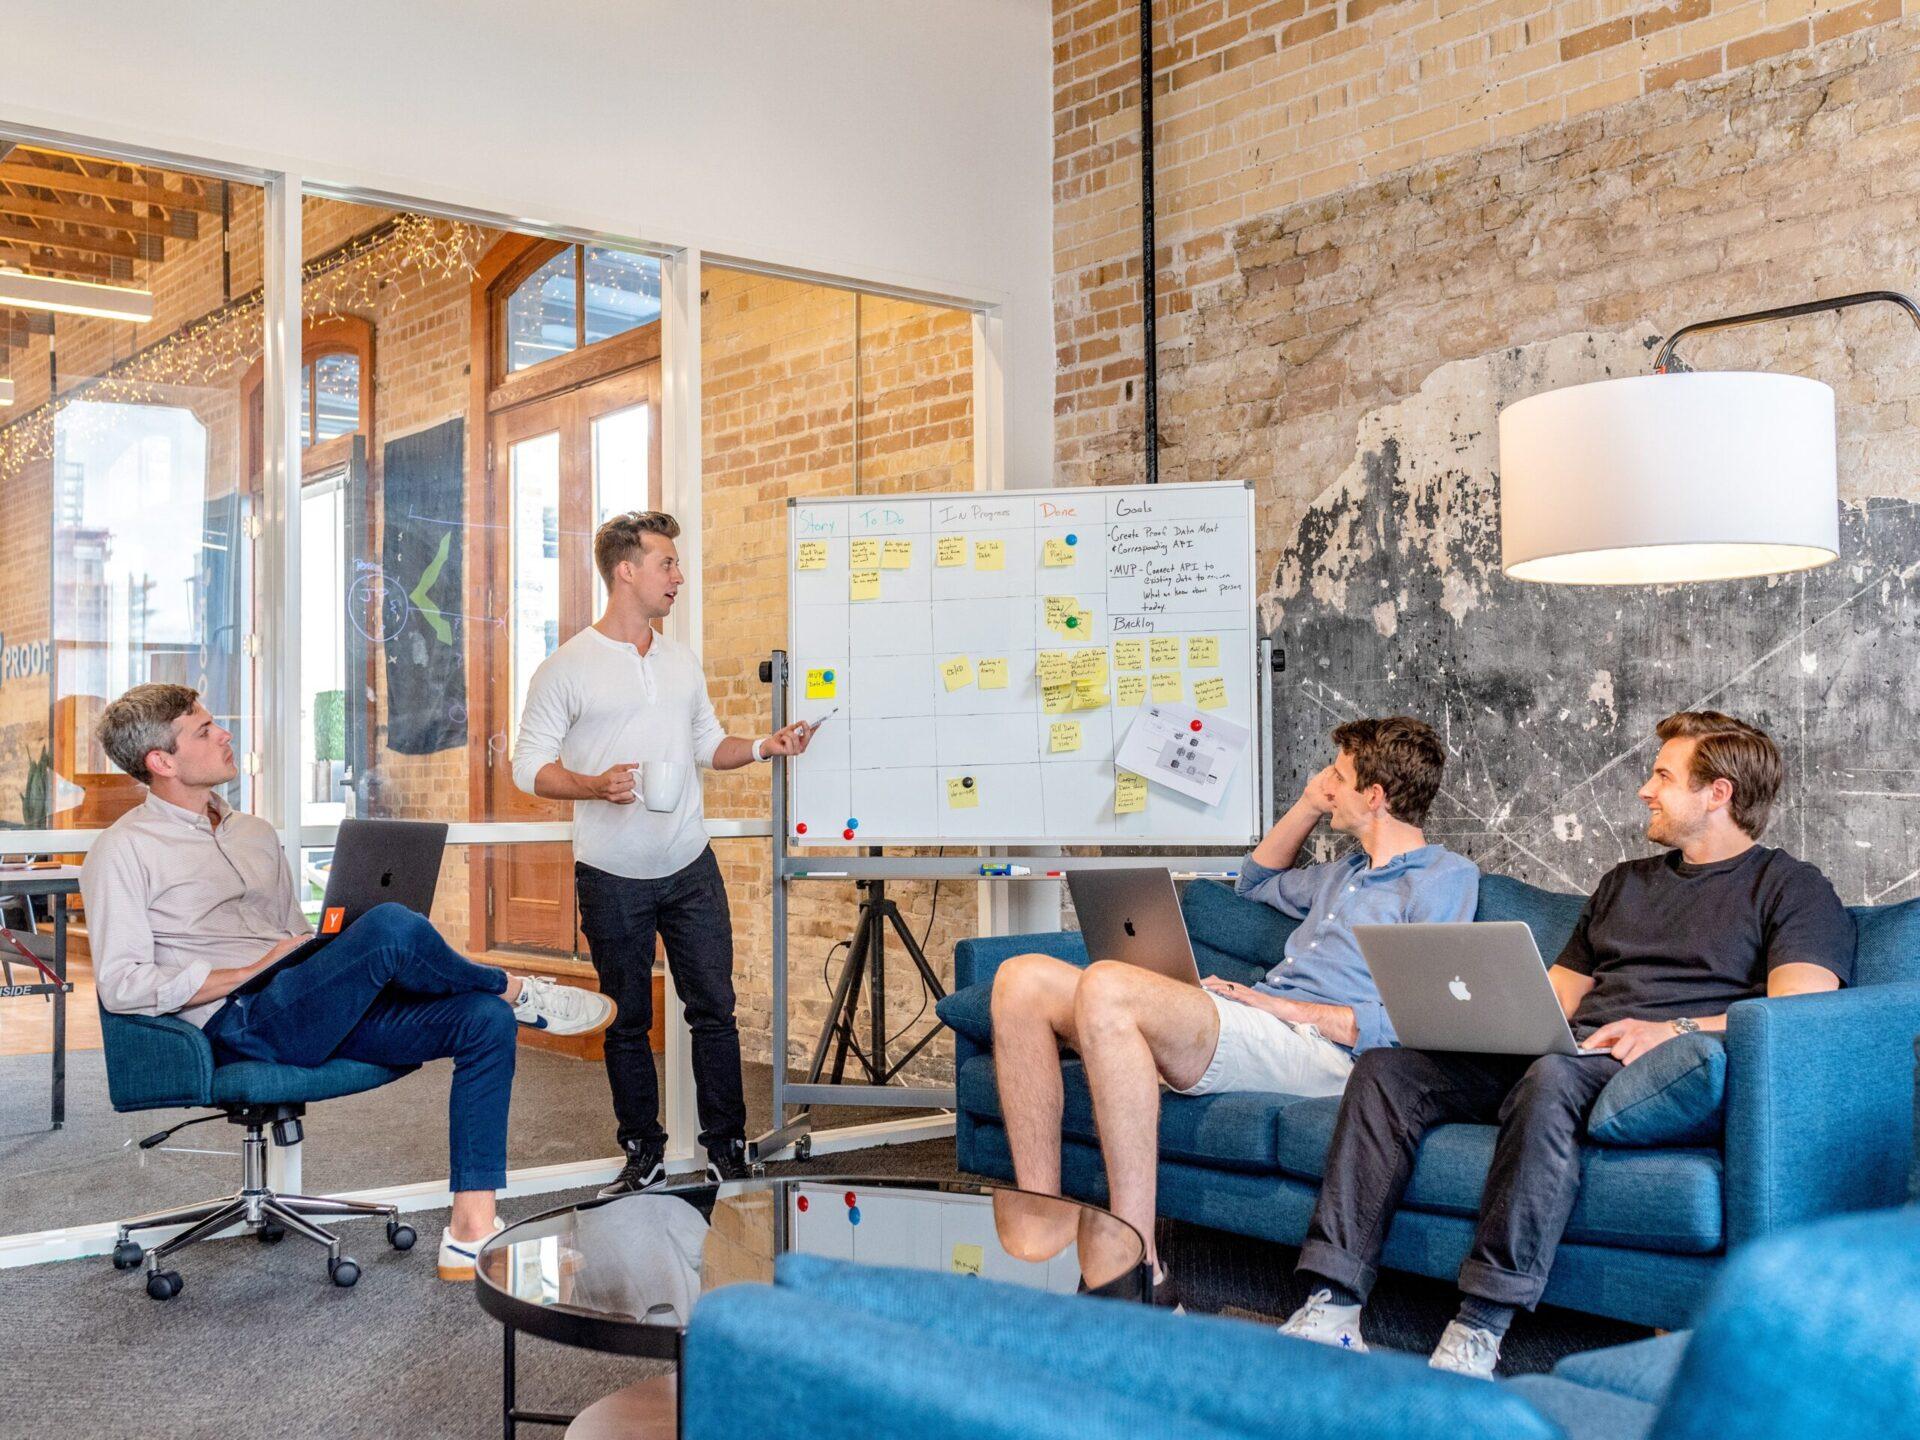 Investors meet in lobby